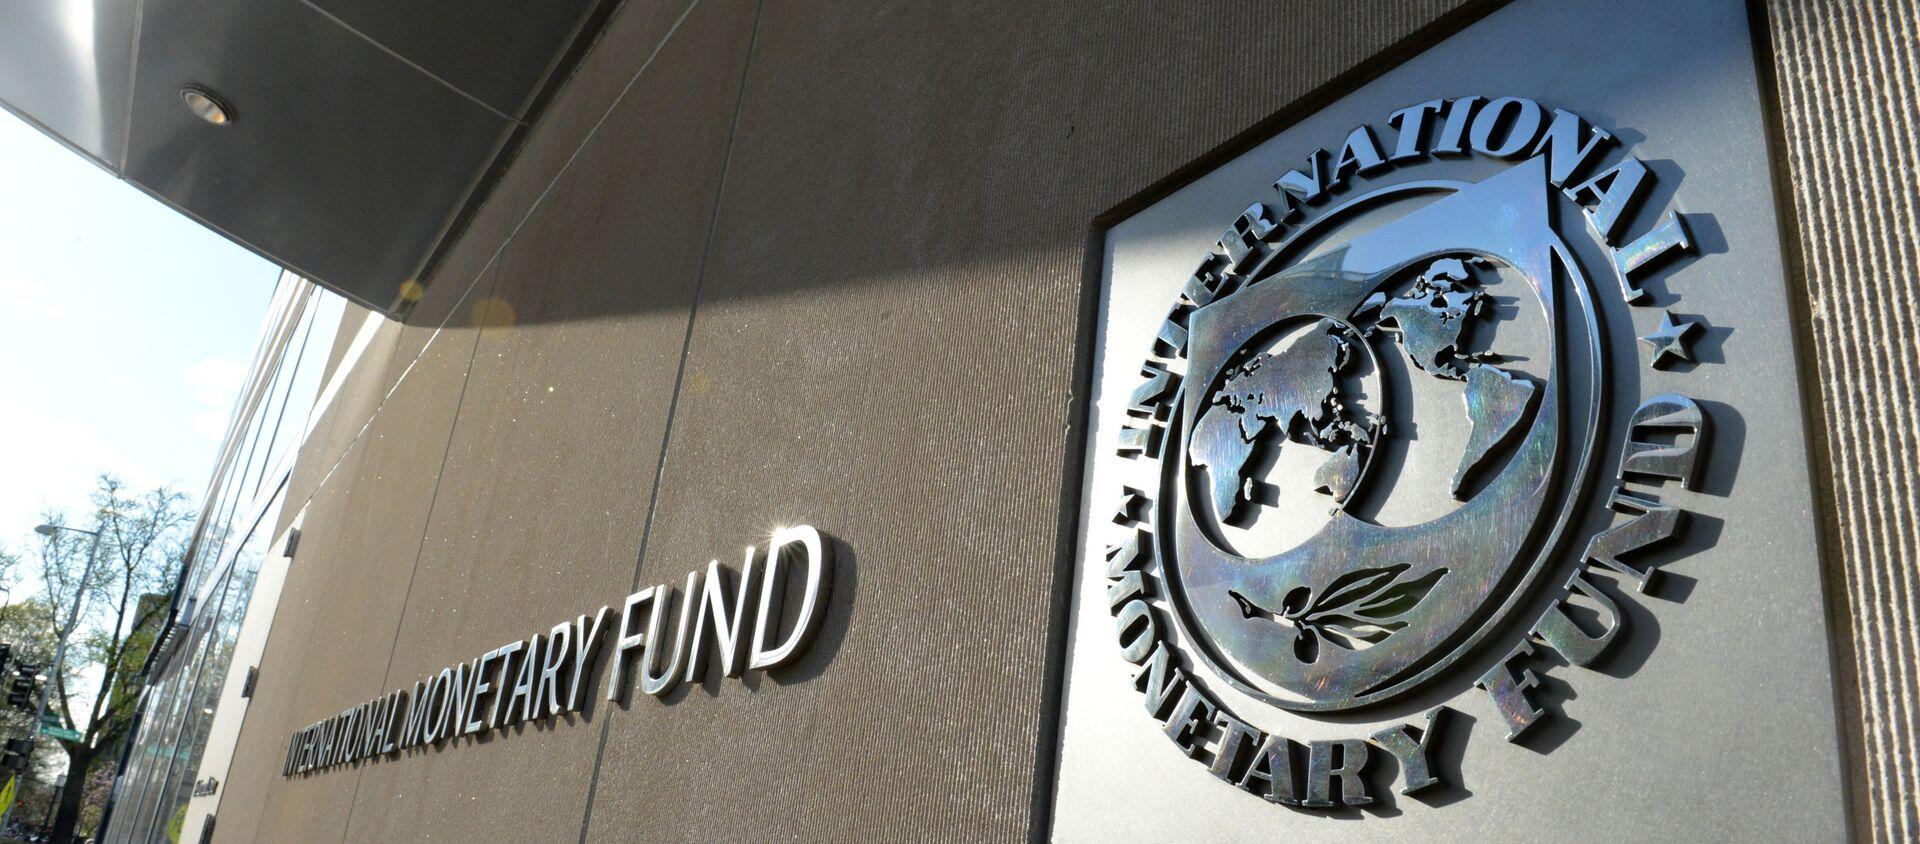 Табличка с логотипом Международного валютного фонда на стене здания МВФ. - Sputnik Армения, 1920, 31.08.2021